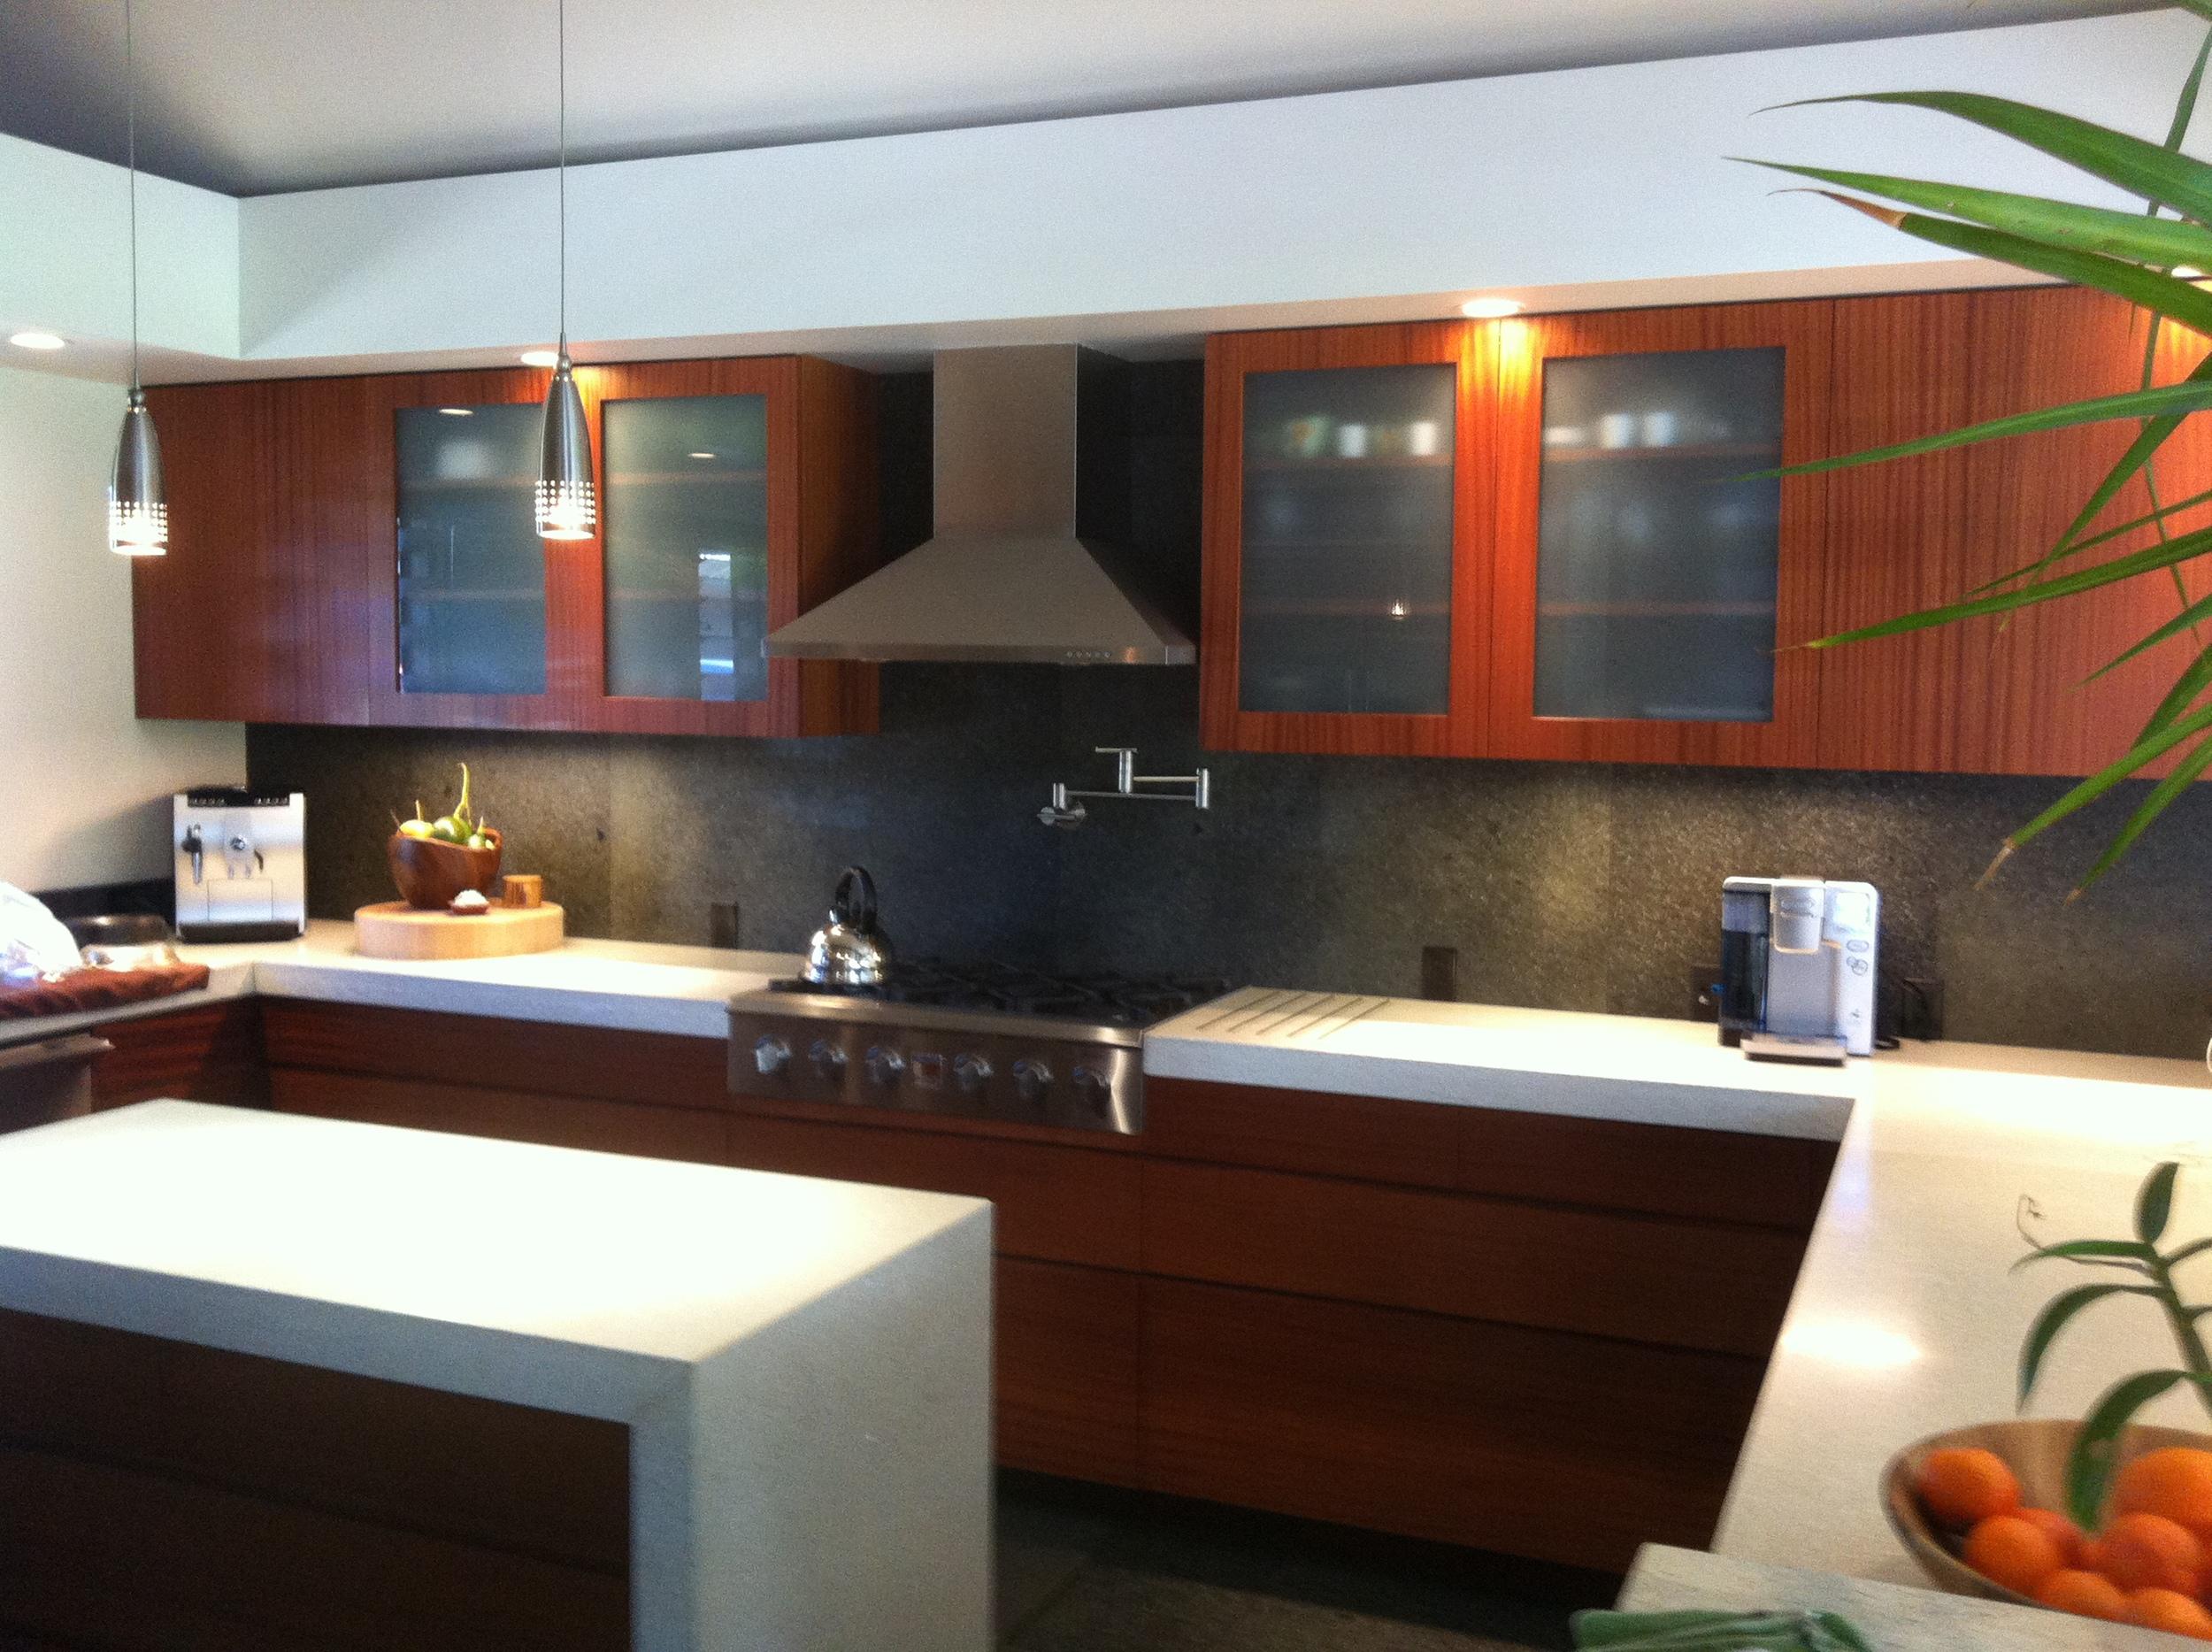 kitchens g Marley Kitchen range.JPG